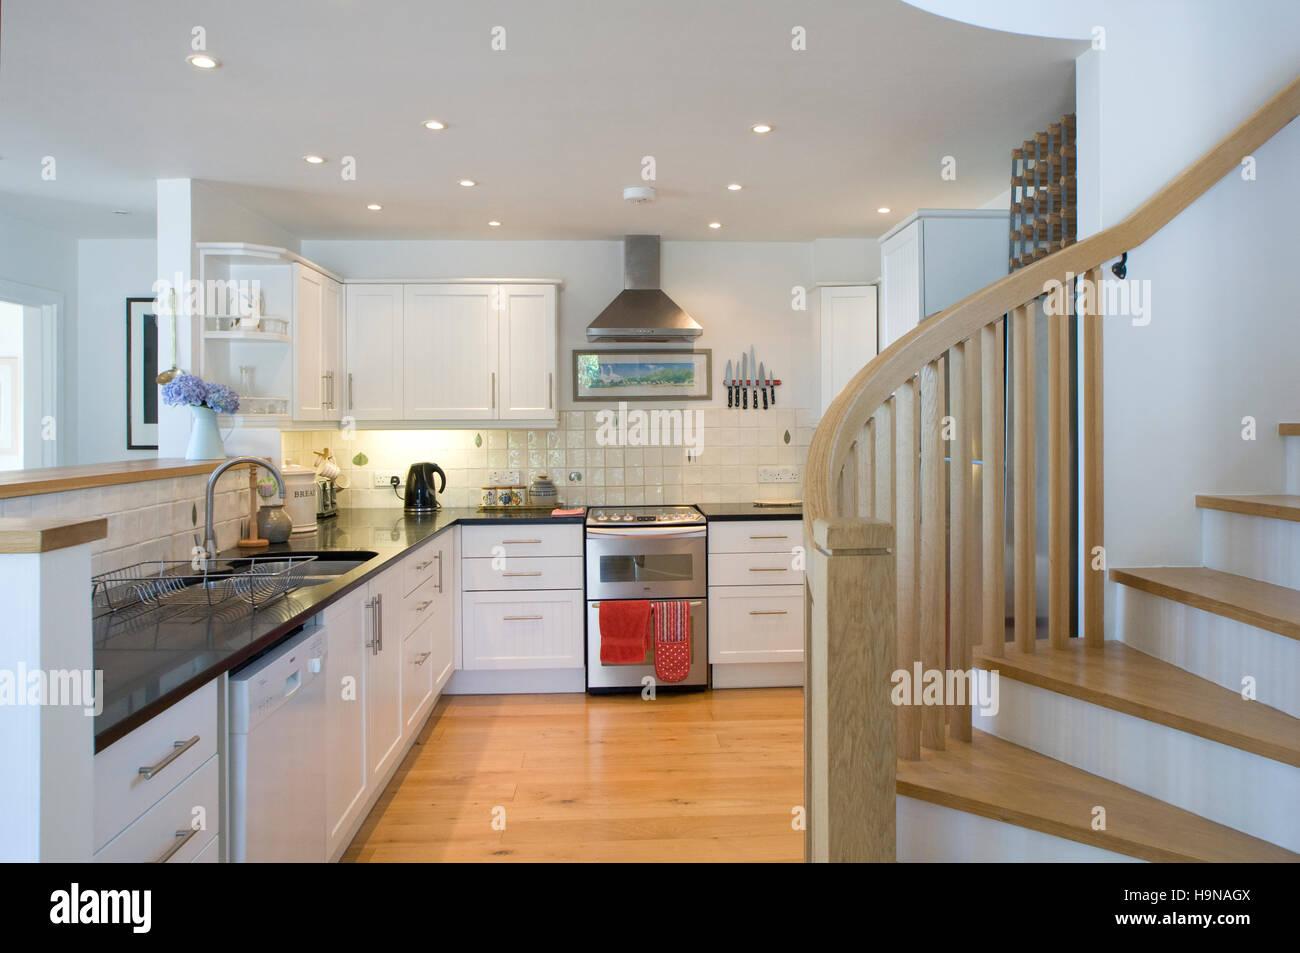 moderne Küche mit Treppe, hell, neu, sauber, weiß zu beenden. Stockbild